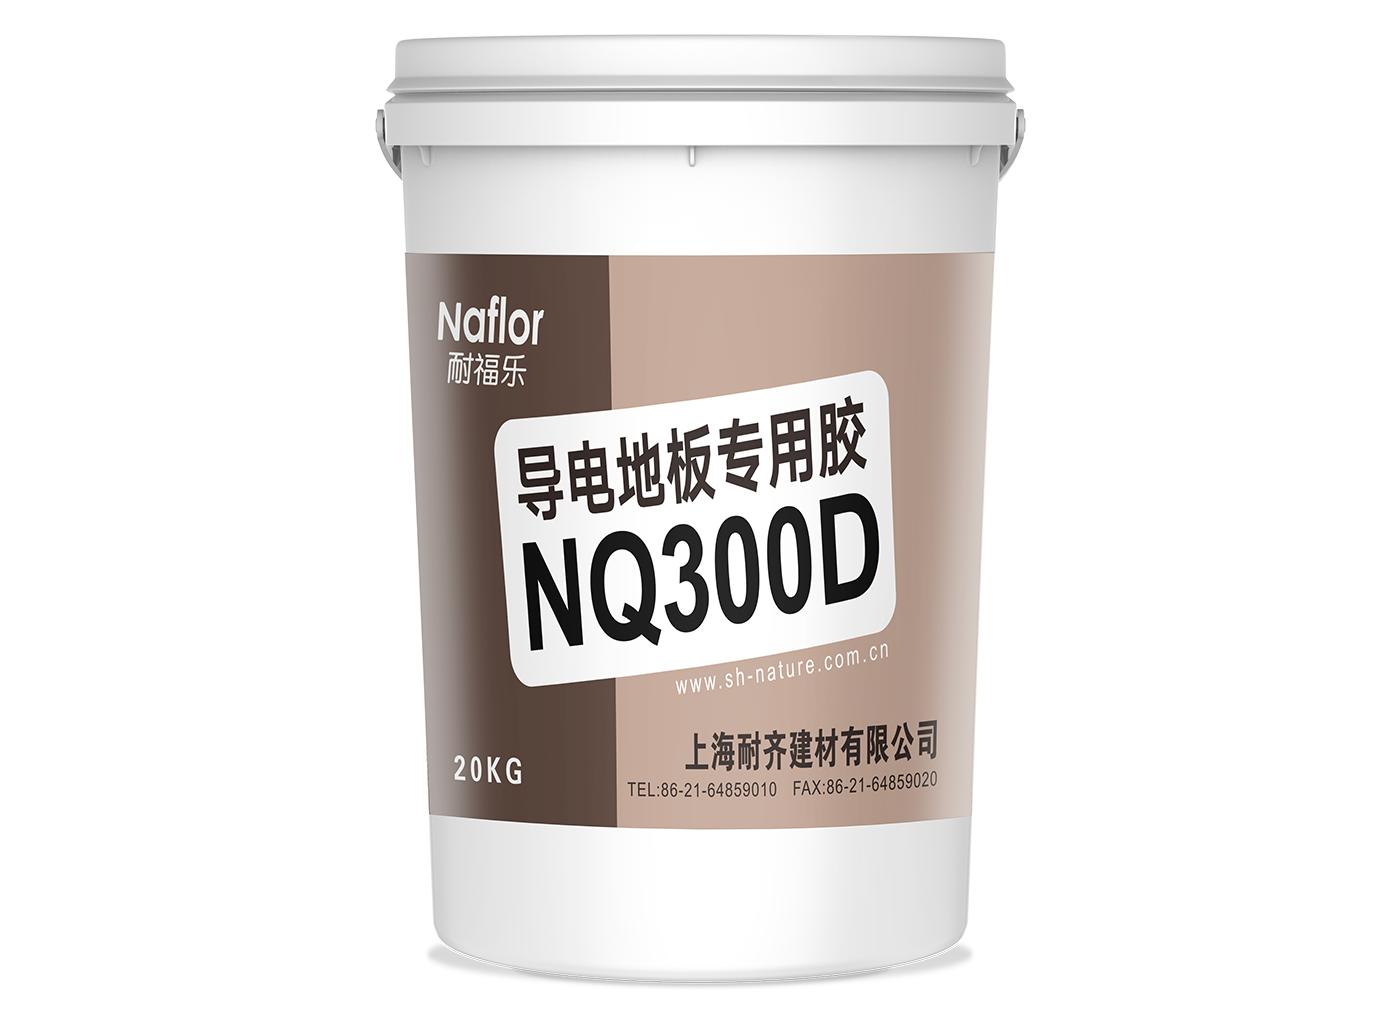 耐福乐®导电弹性塑料地板胶 NQ300D